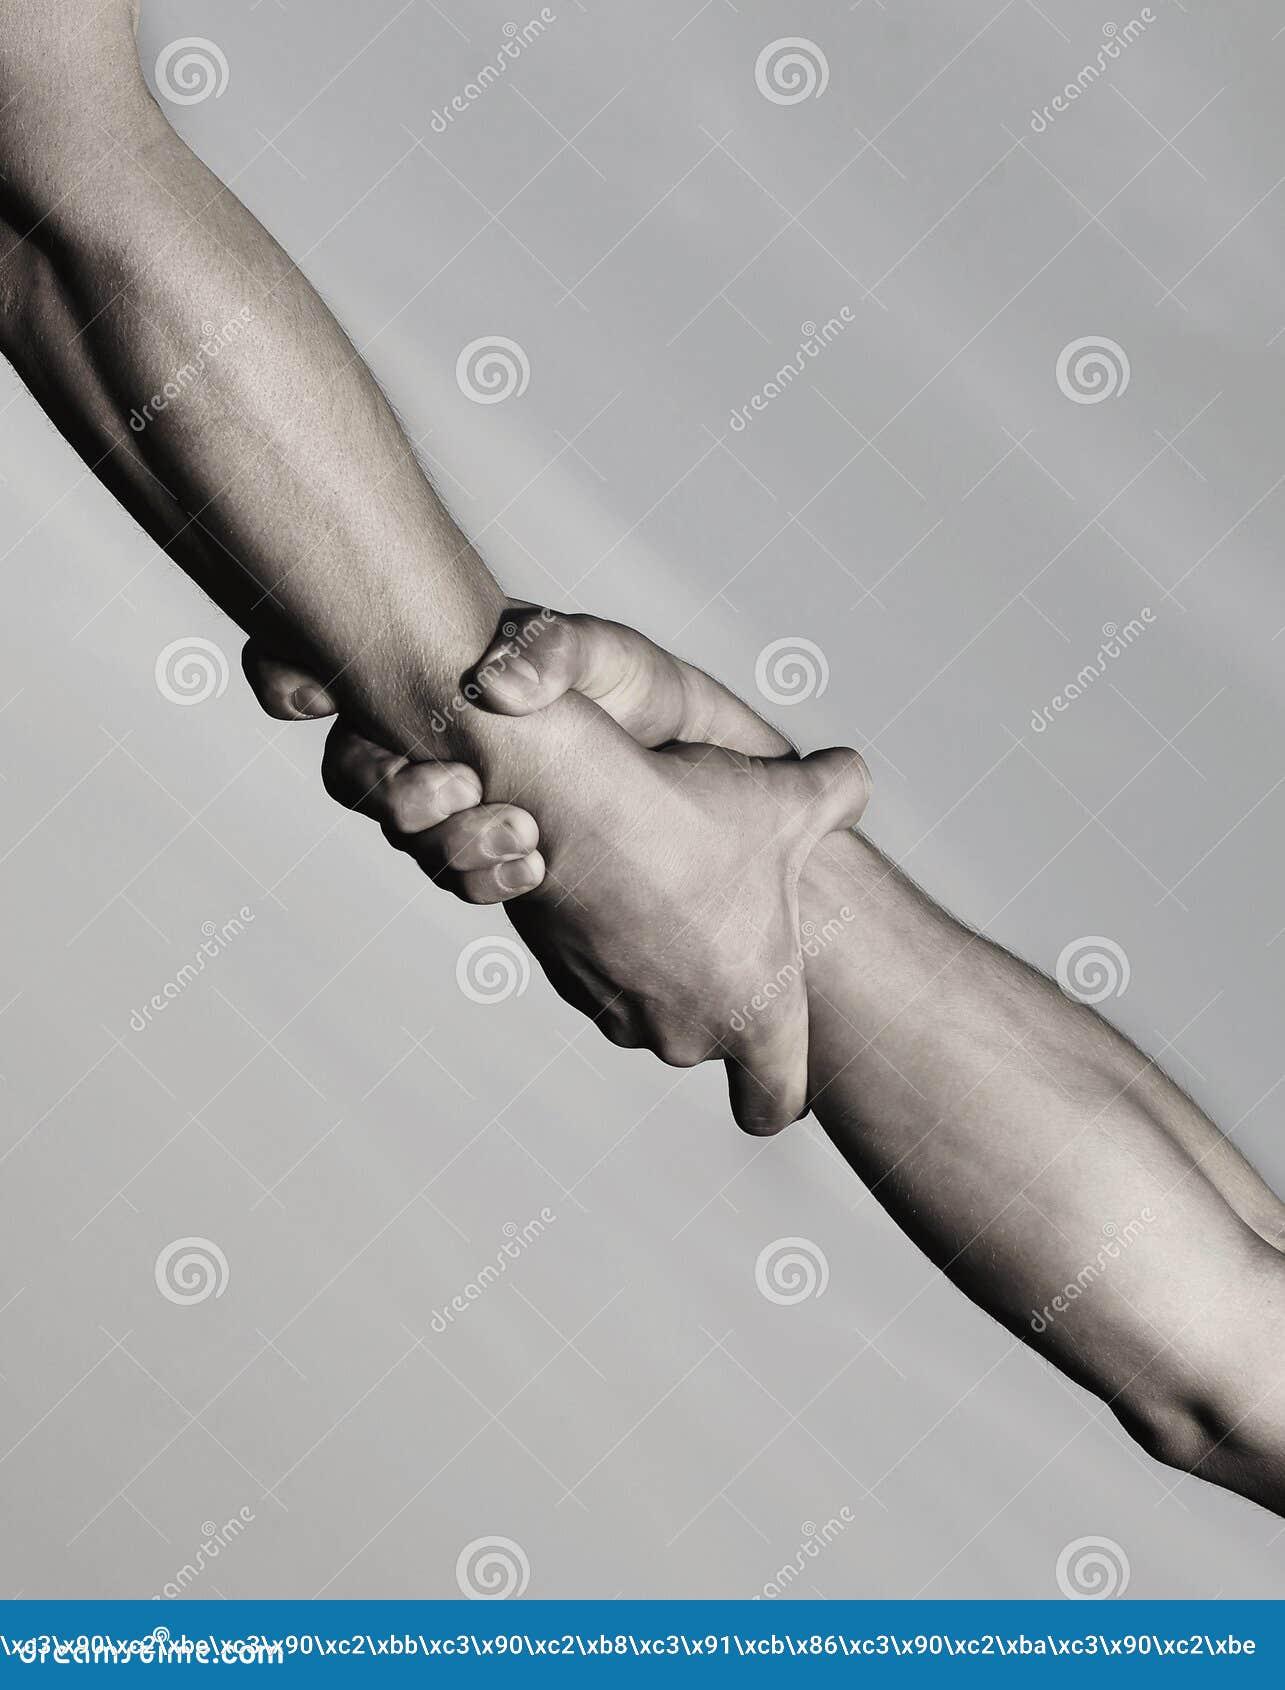 Deux mains, coup de main d un ami Délivrance, geste de aide ou mains Prise intense Poignée de main, bras, amitié